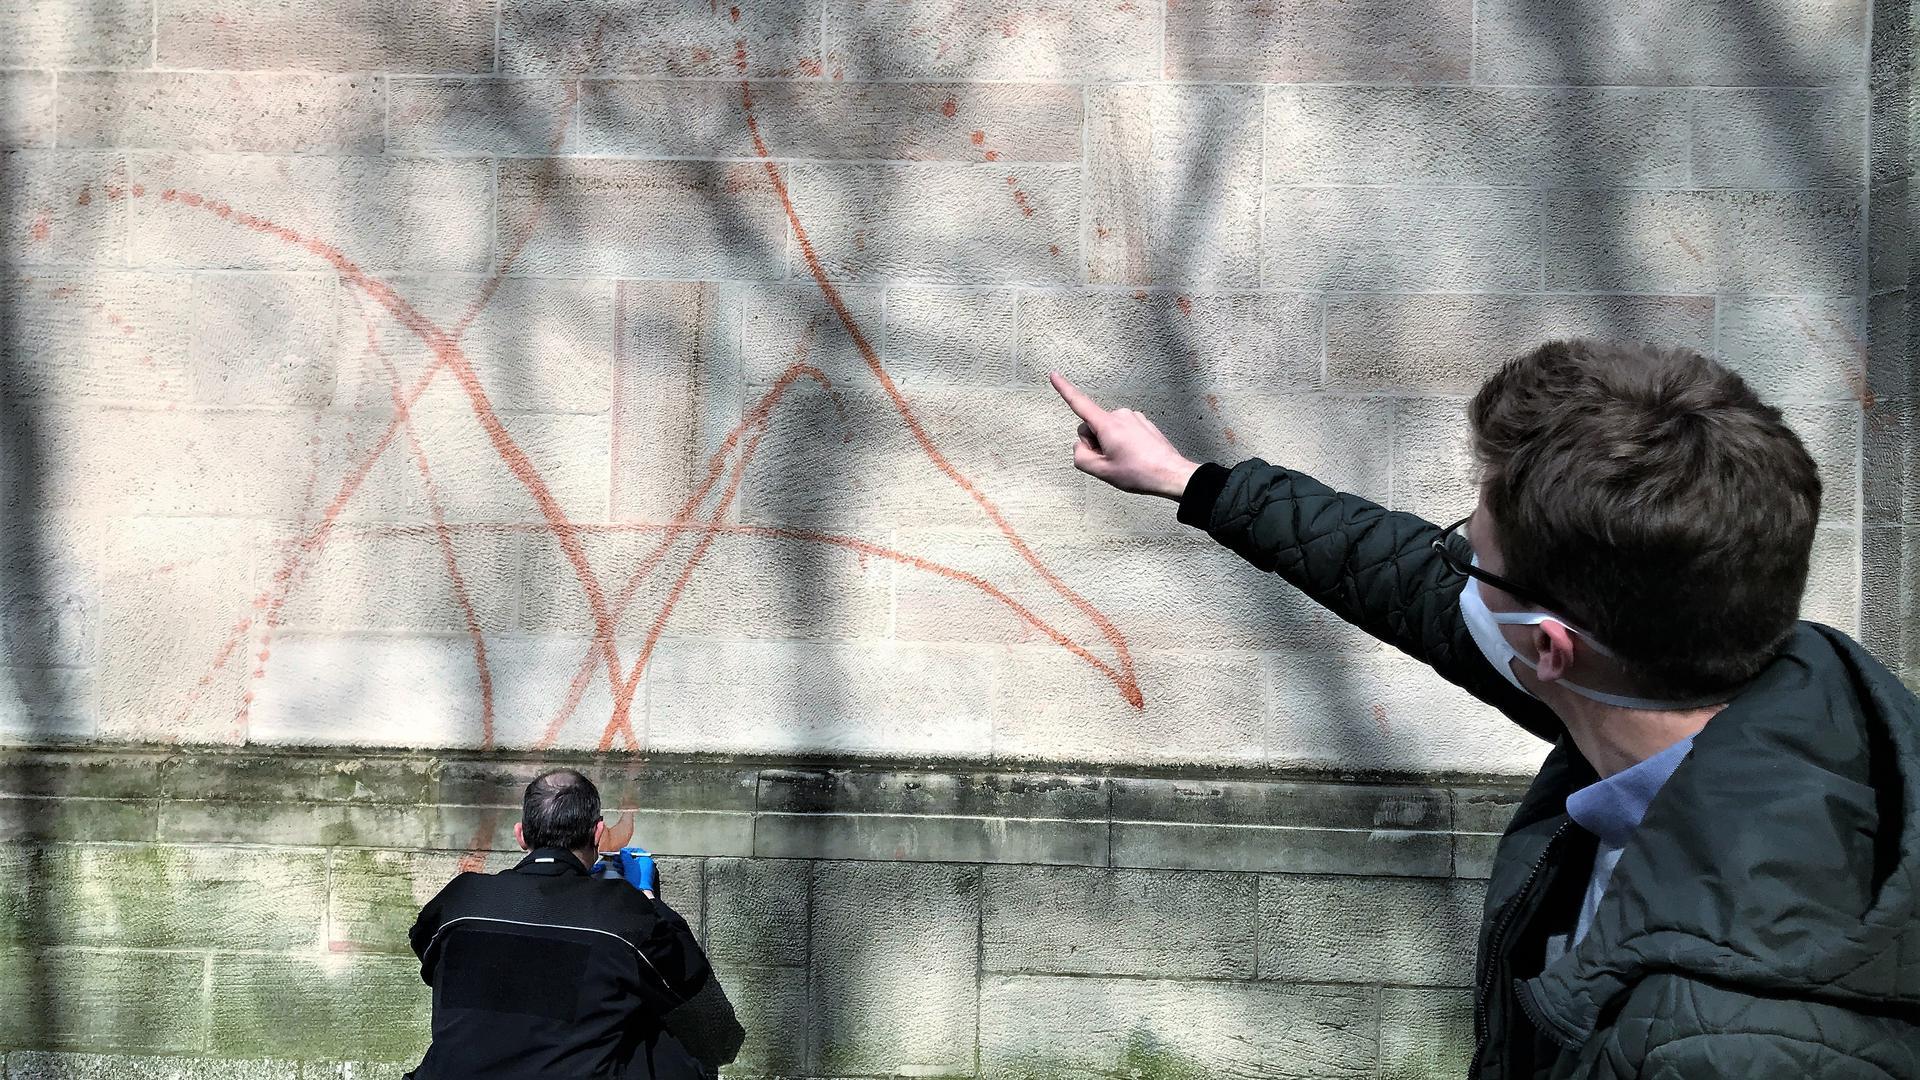 Ein Mann zeigt auf die Fassade der Kirche St. Bernhard in Baden-Baden, auf die Unbekannte ein Zeichen wie einen Davidstern geschmiert haben.